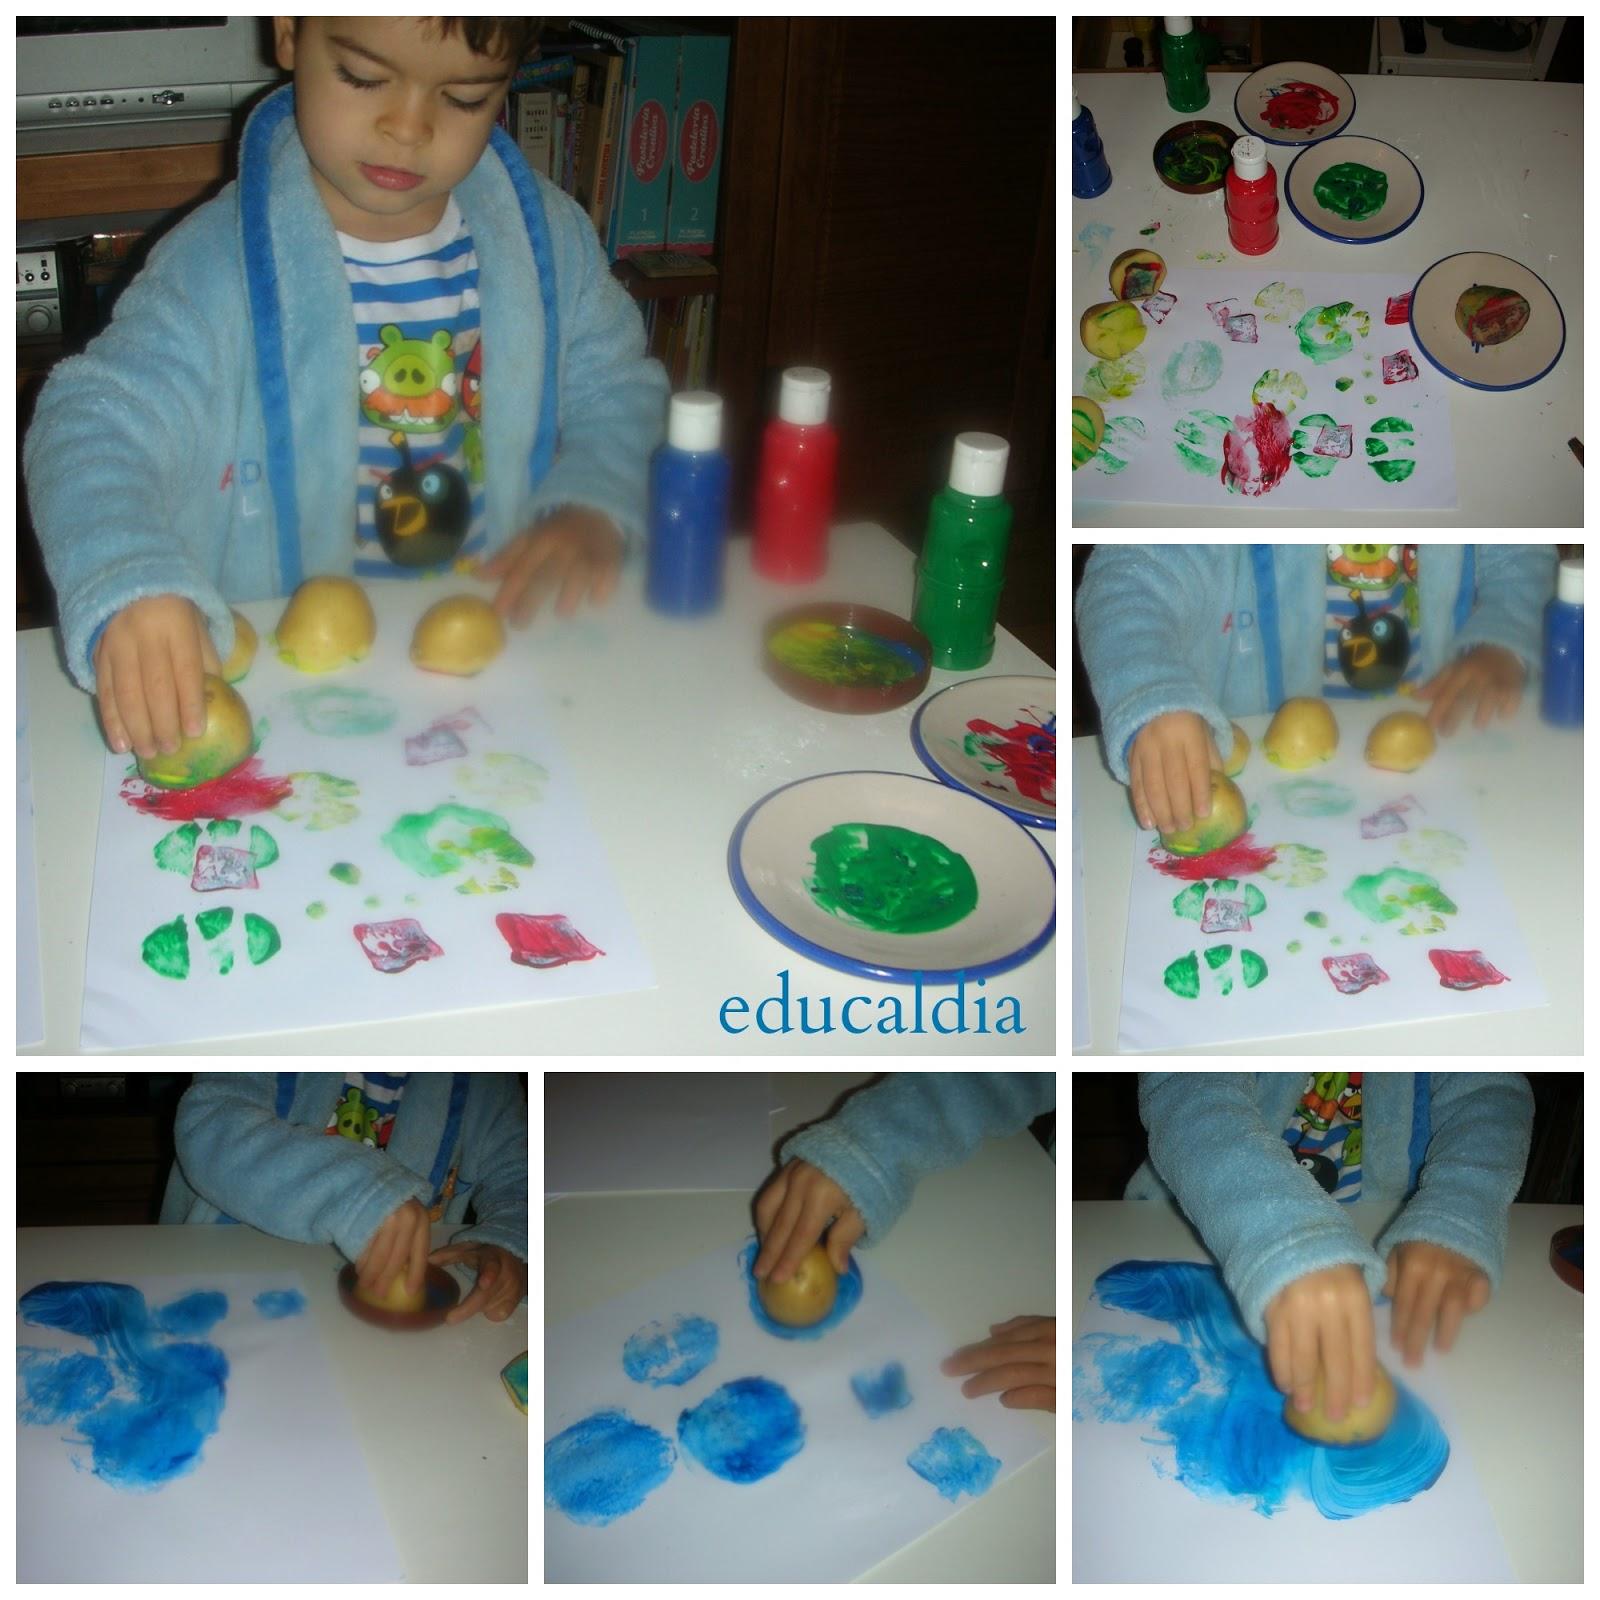 creatividad educacion en familia educaldia